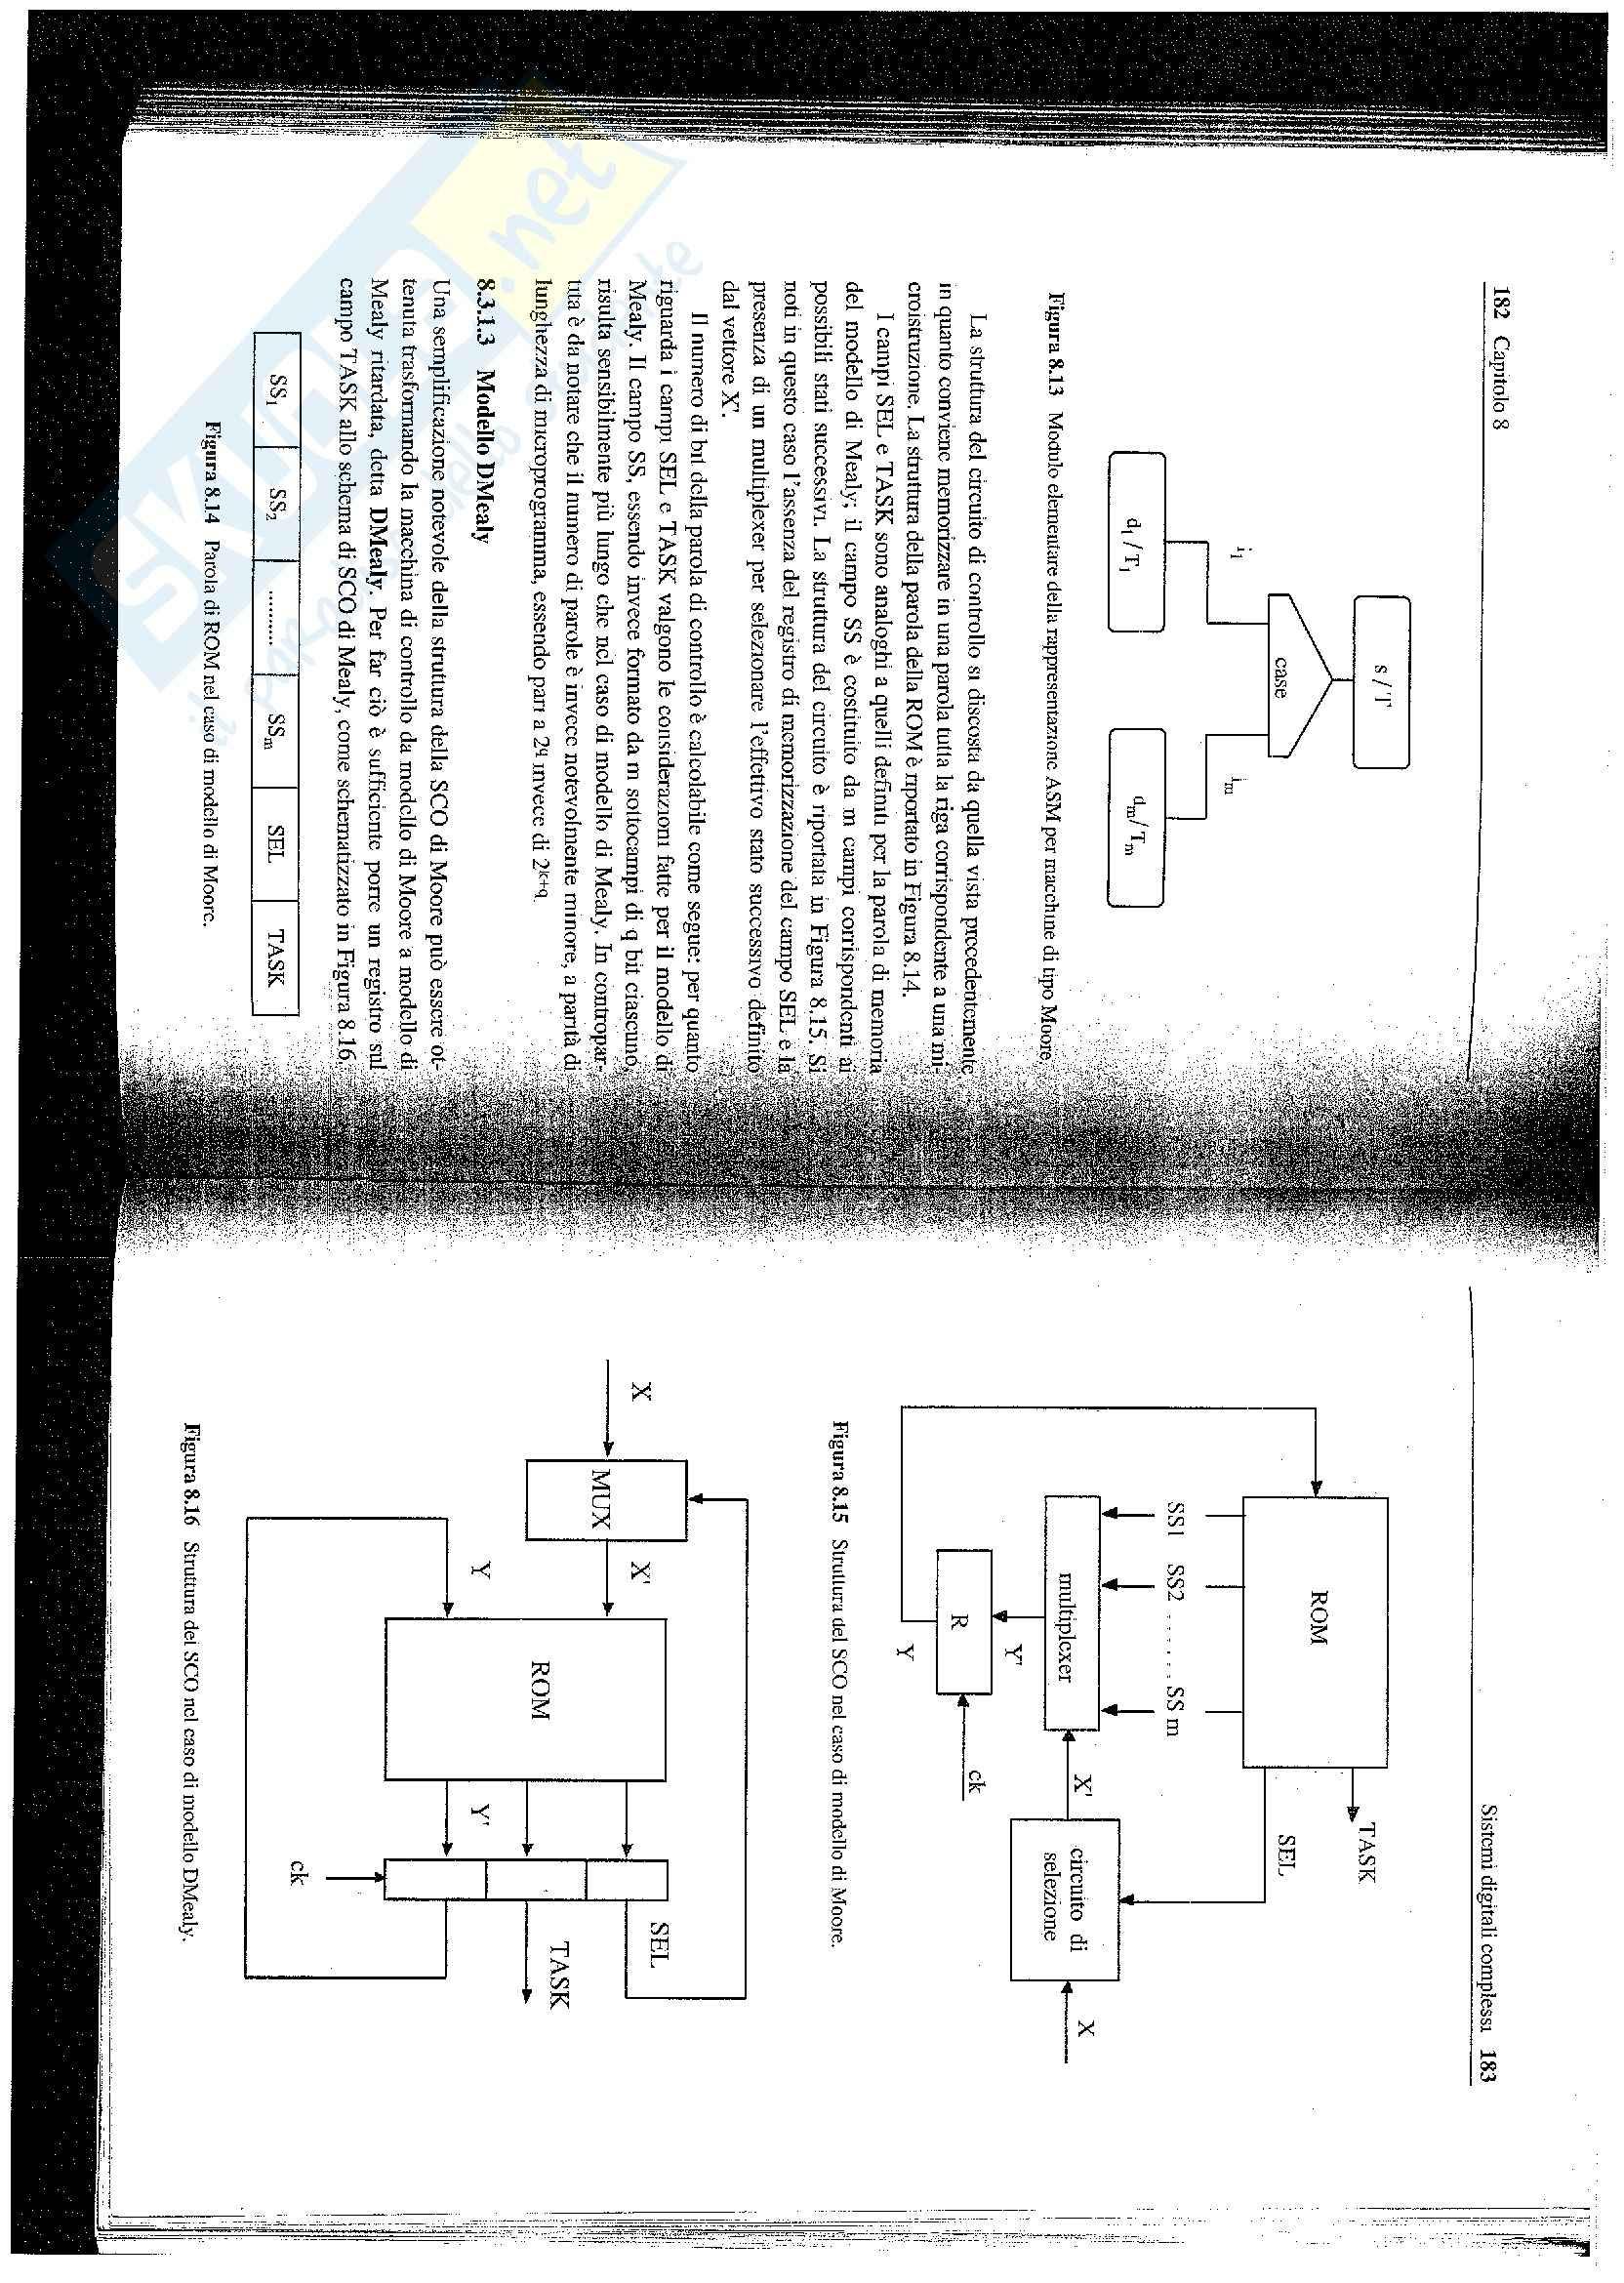 Calcolatori Elettronici II - Reti Sequenziali Pag. 16